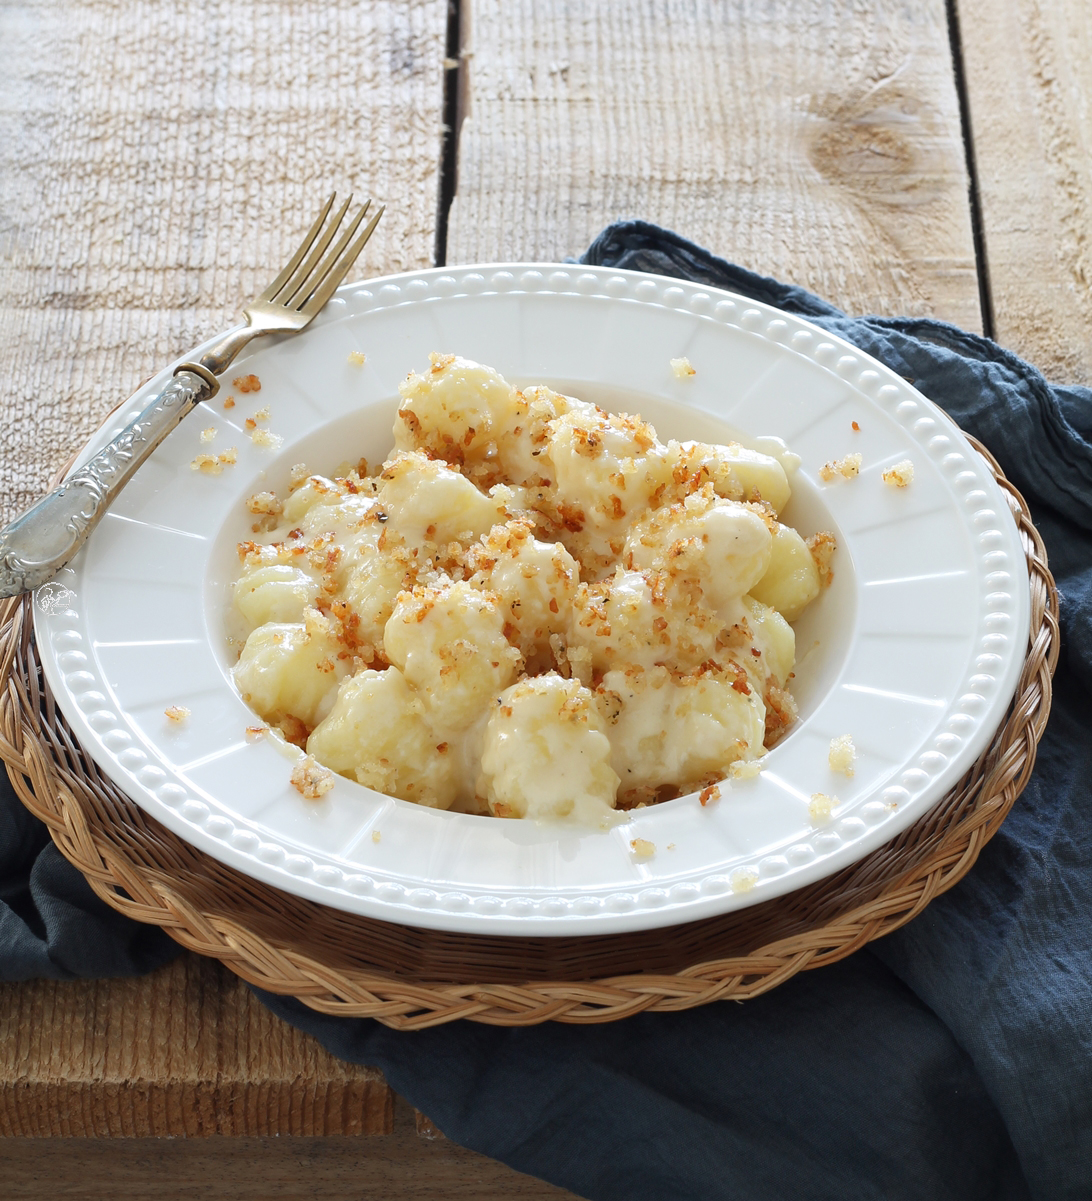 Gnocchi senza glutine con crema di pecorino e mollica croccante - La Cassata Celiaca